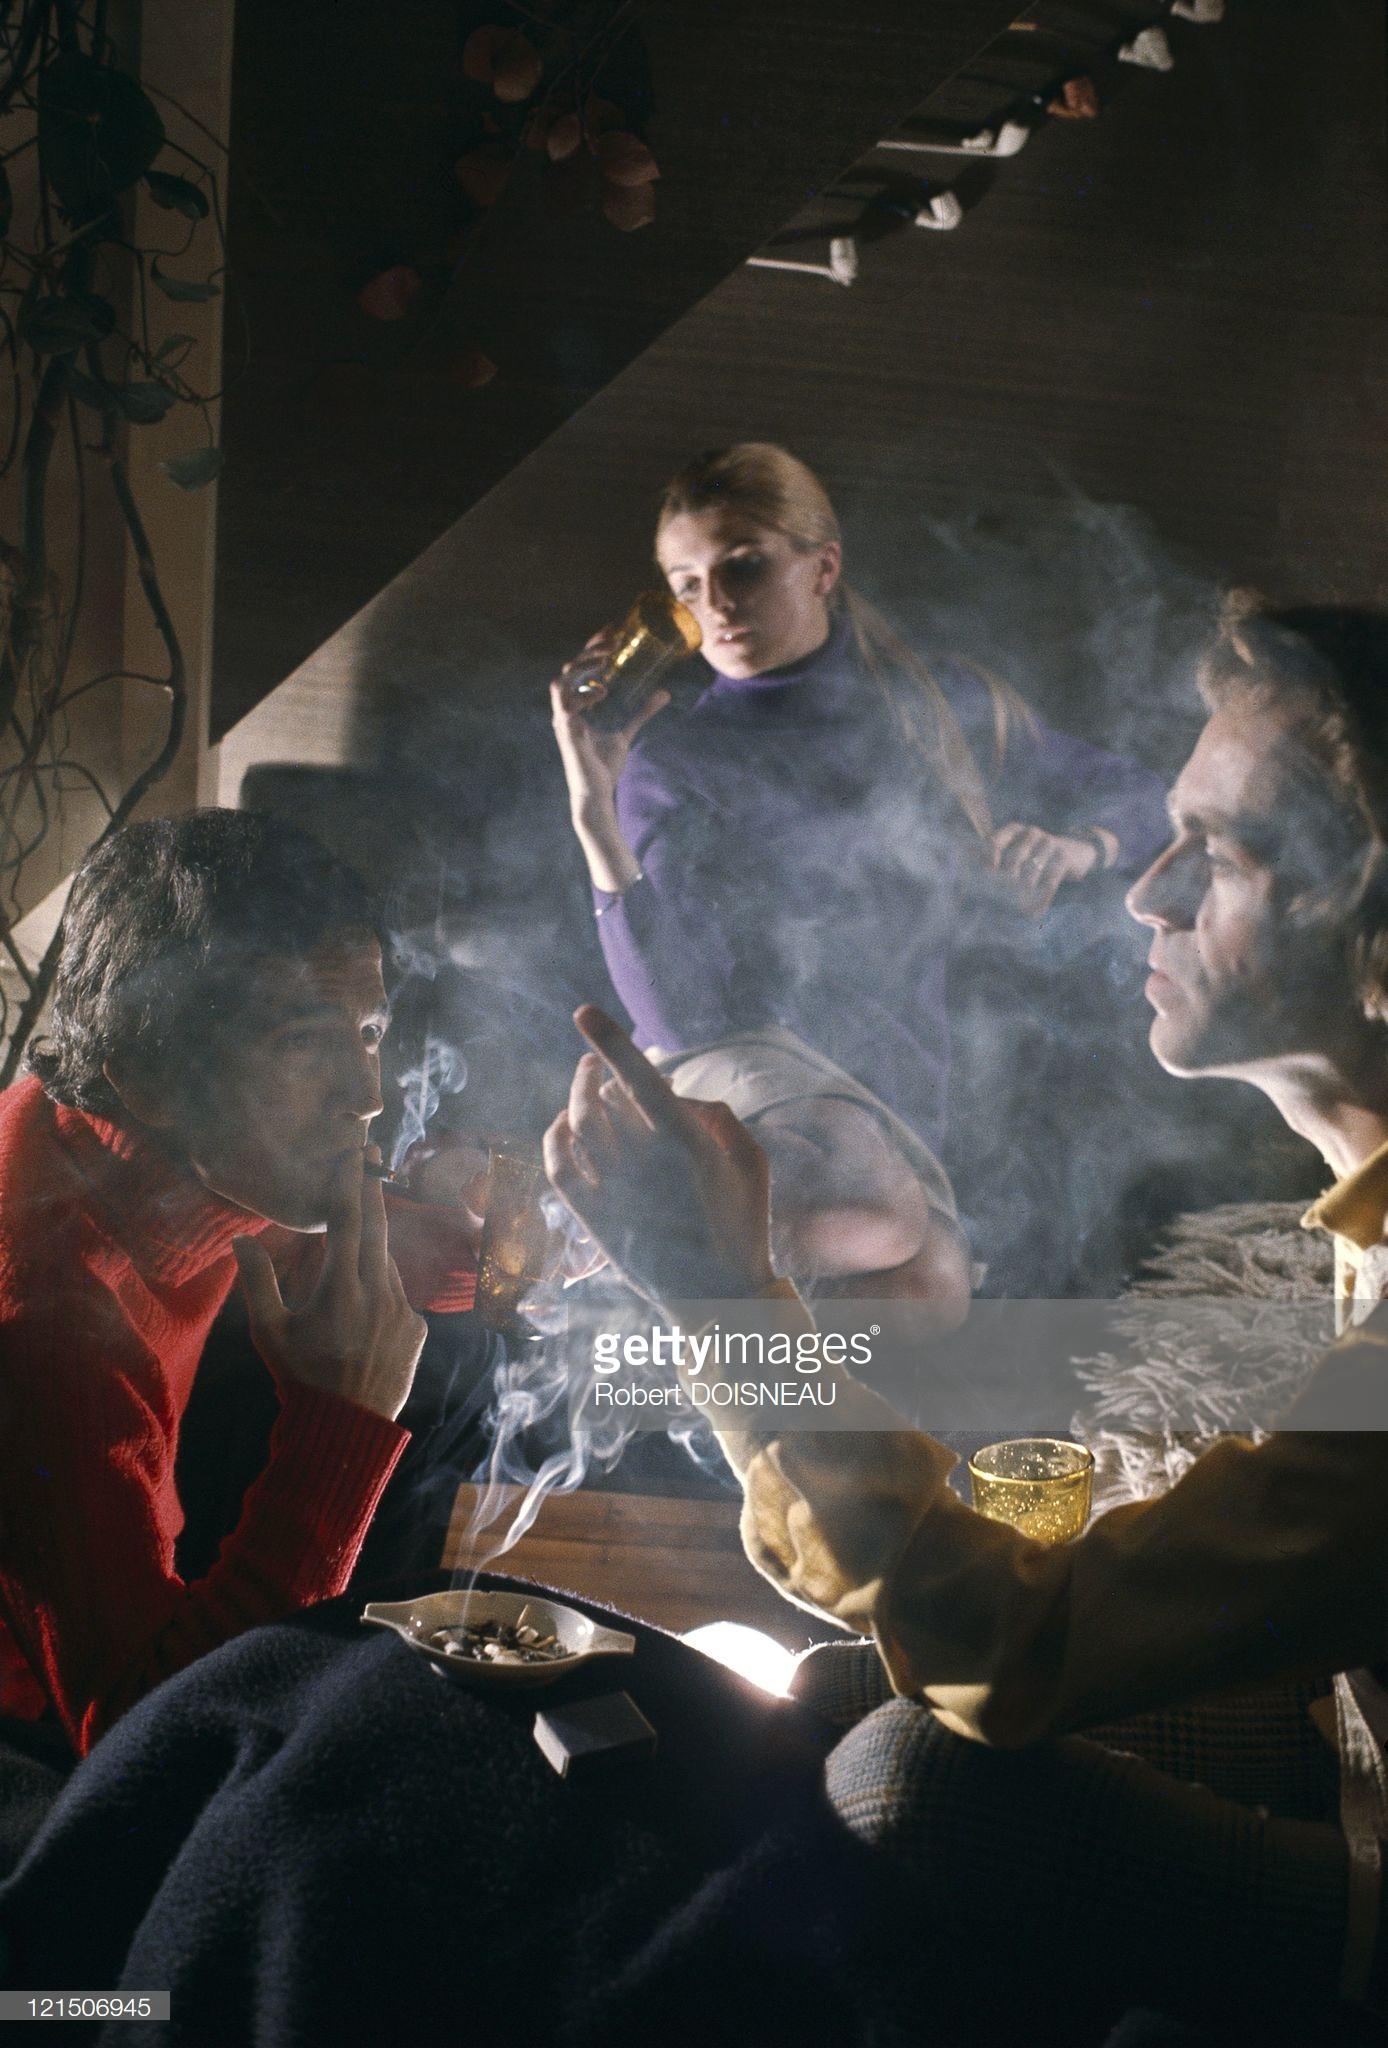 Беседа в табачном дыму